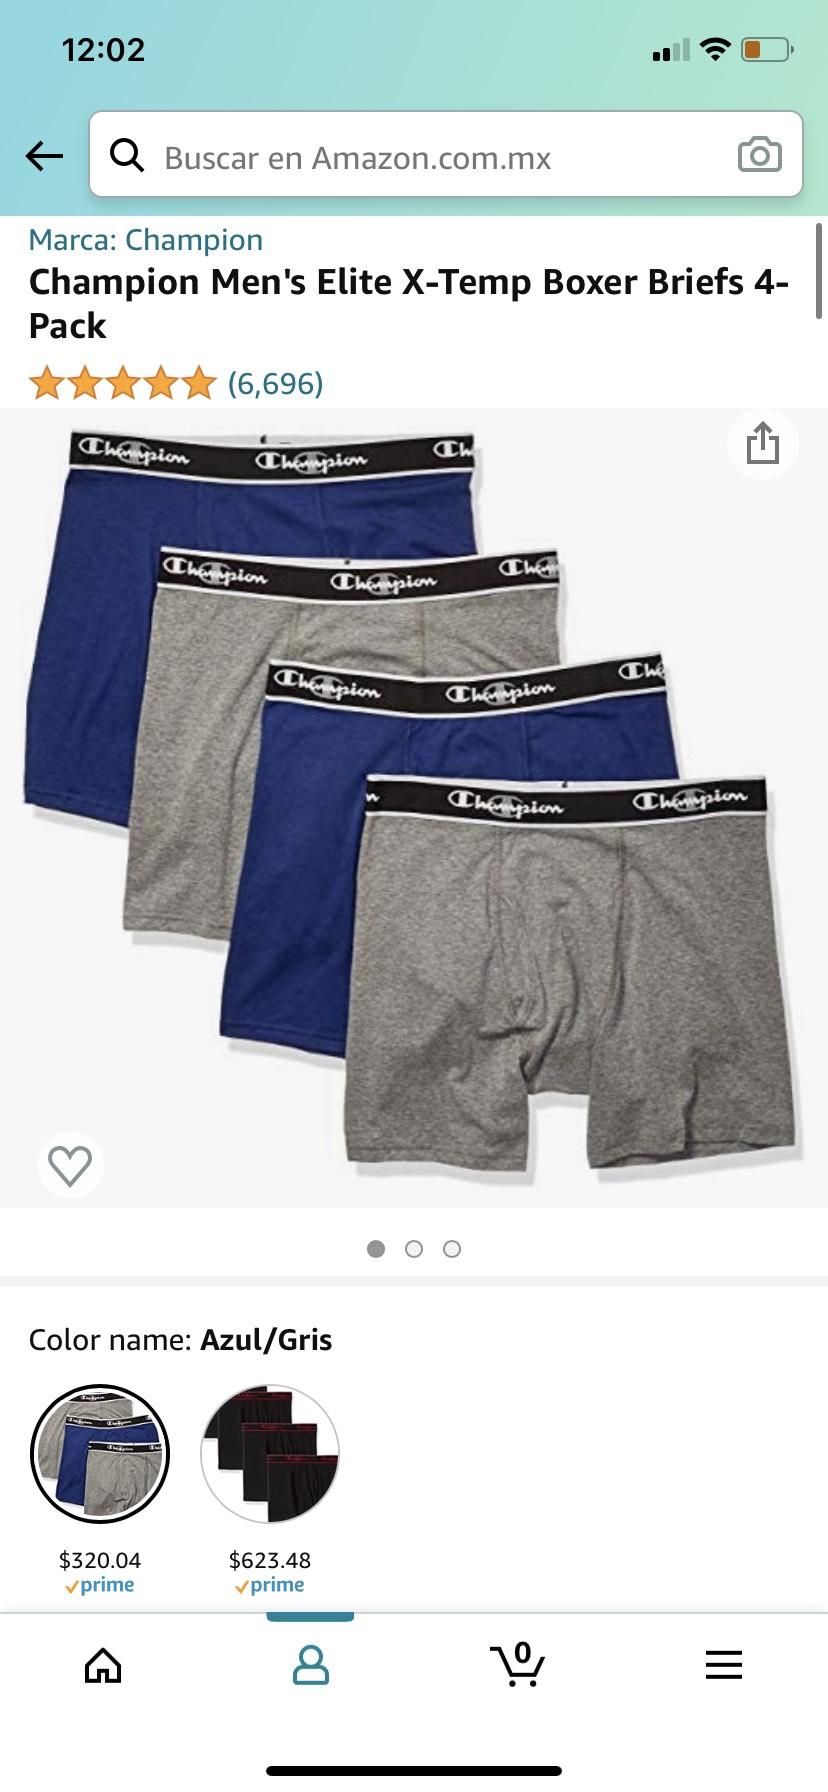 Amazon: Champion Men's Elite X-Temp Boxer Briefs 4-Pack